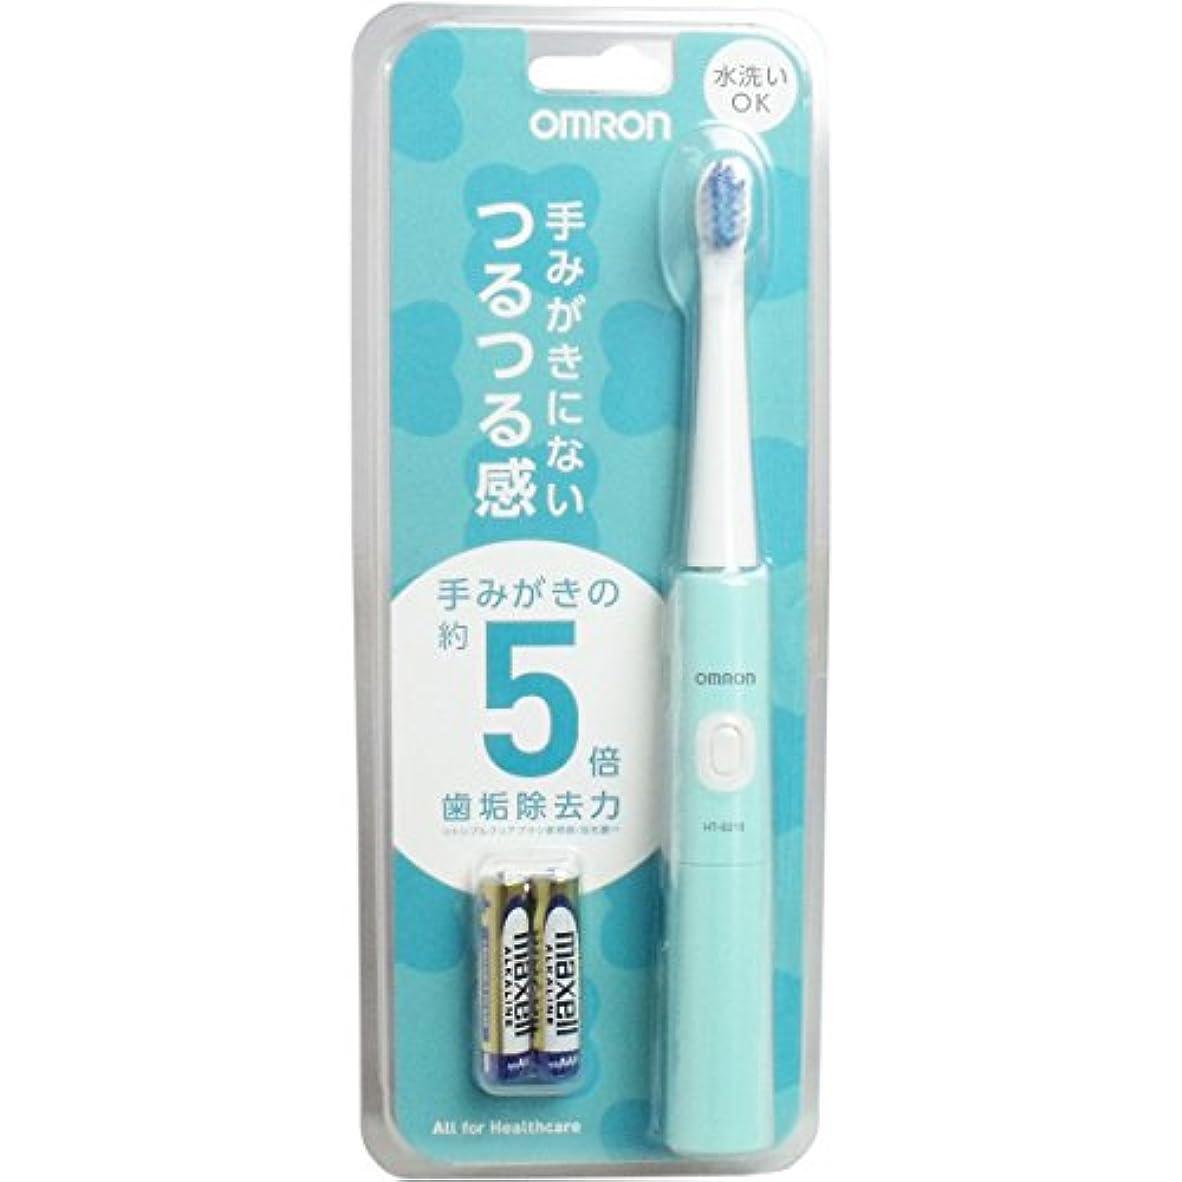 社交的カポックホステルオムロンヘルスケア 音波式電動歯ブラシ ミントグリーン HT-B210-G